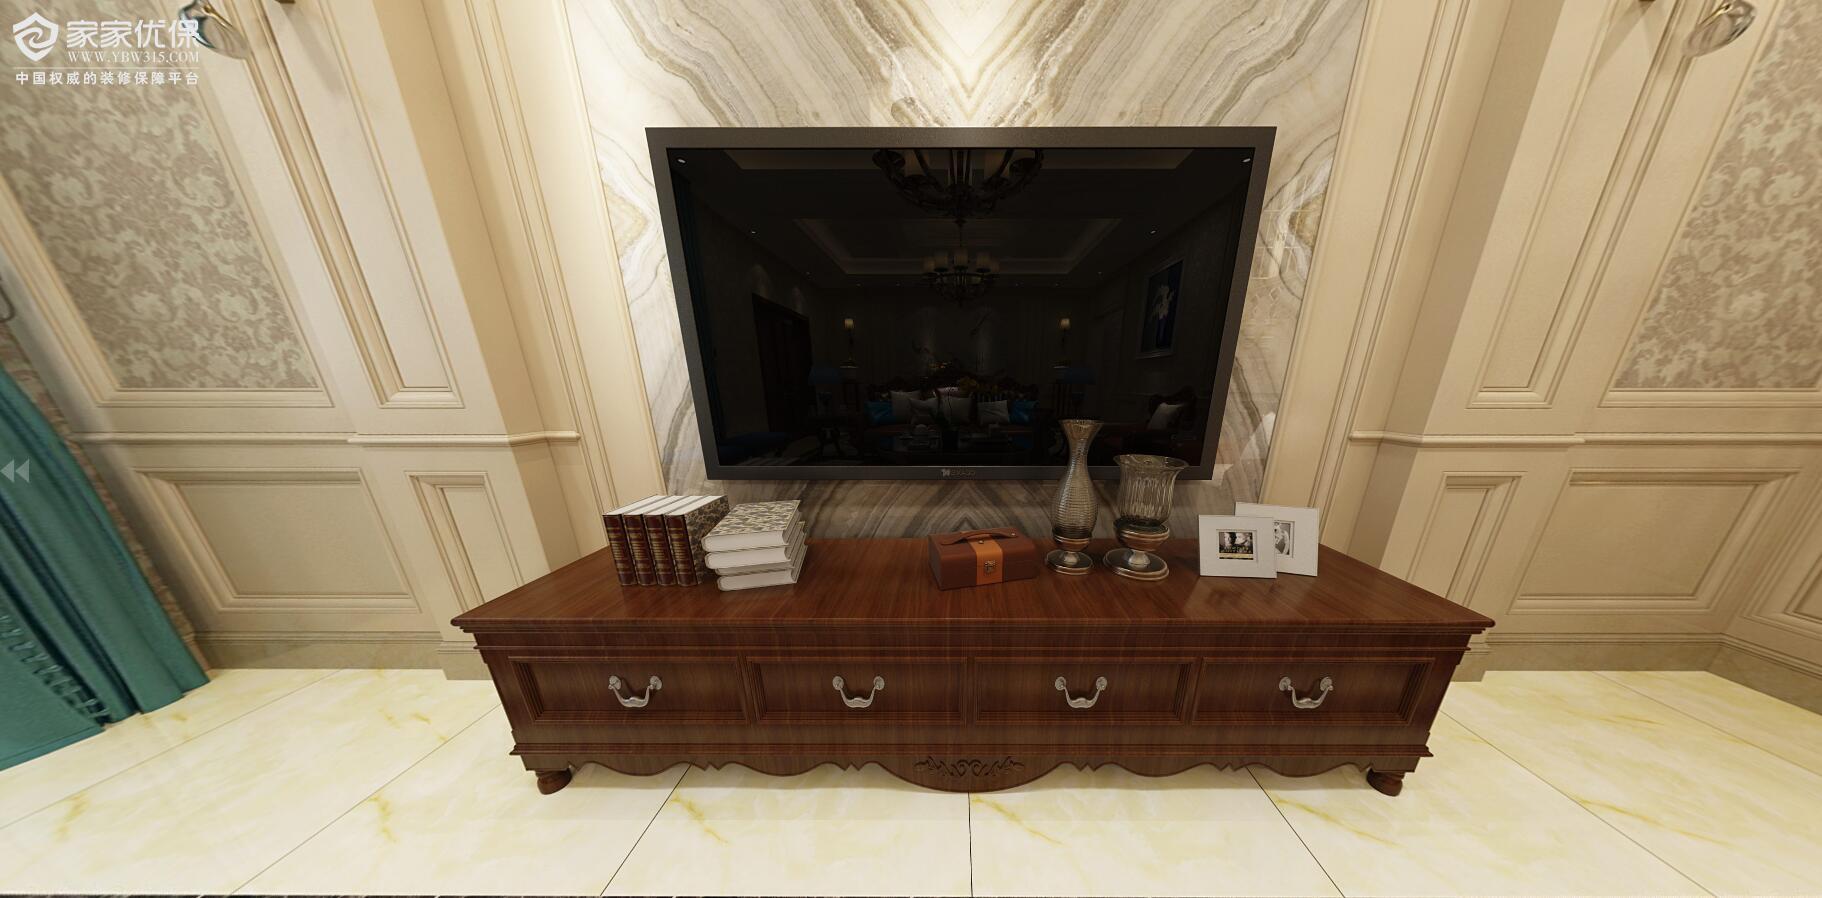 vr全景美式客厅3d效果图